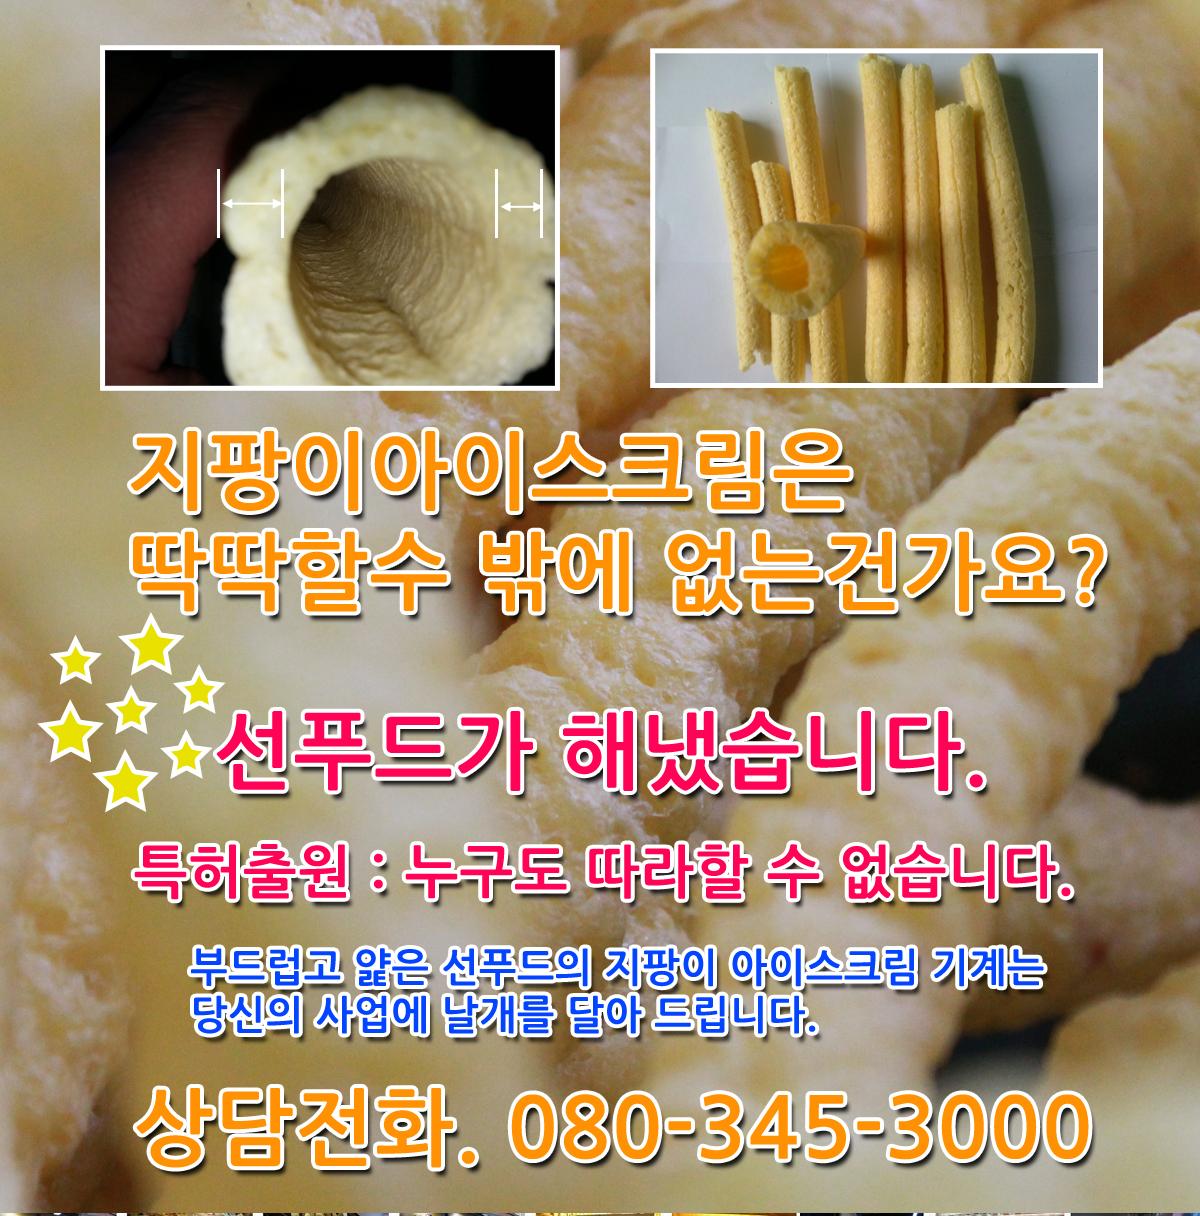 지팡이아이스크림12001216